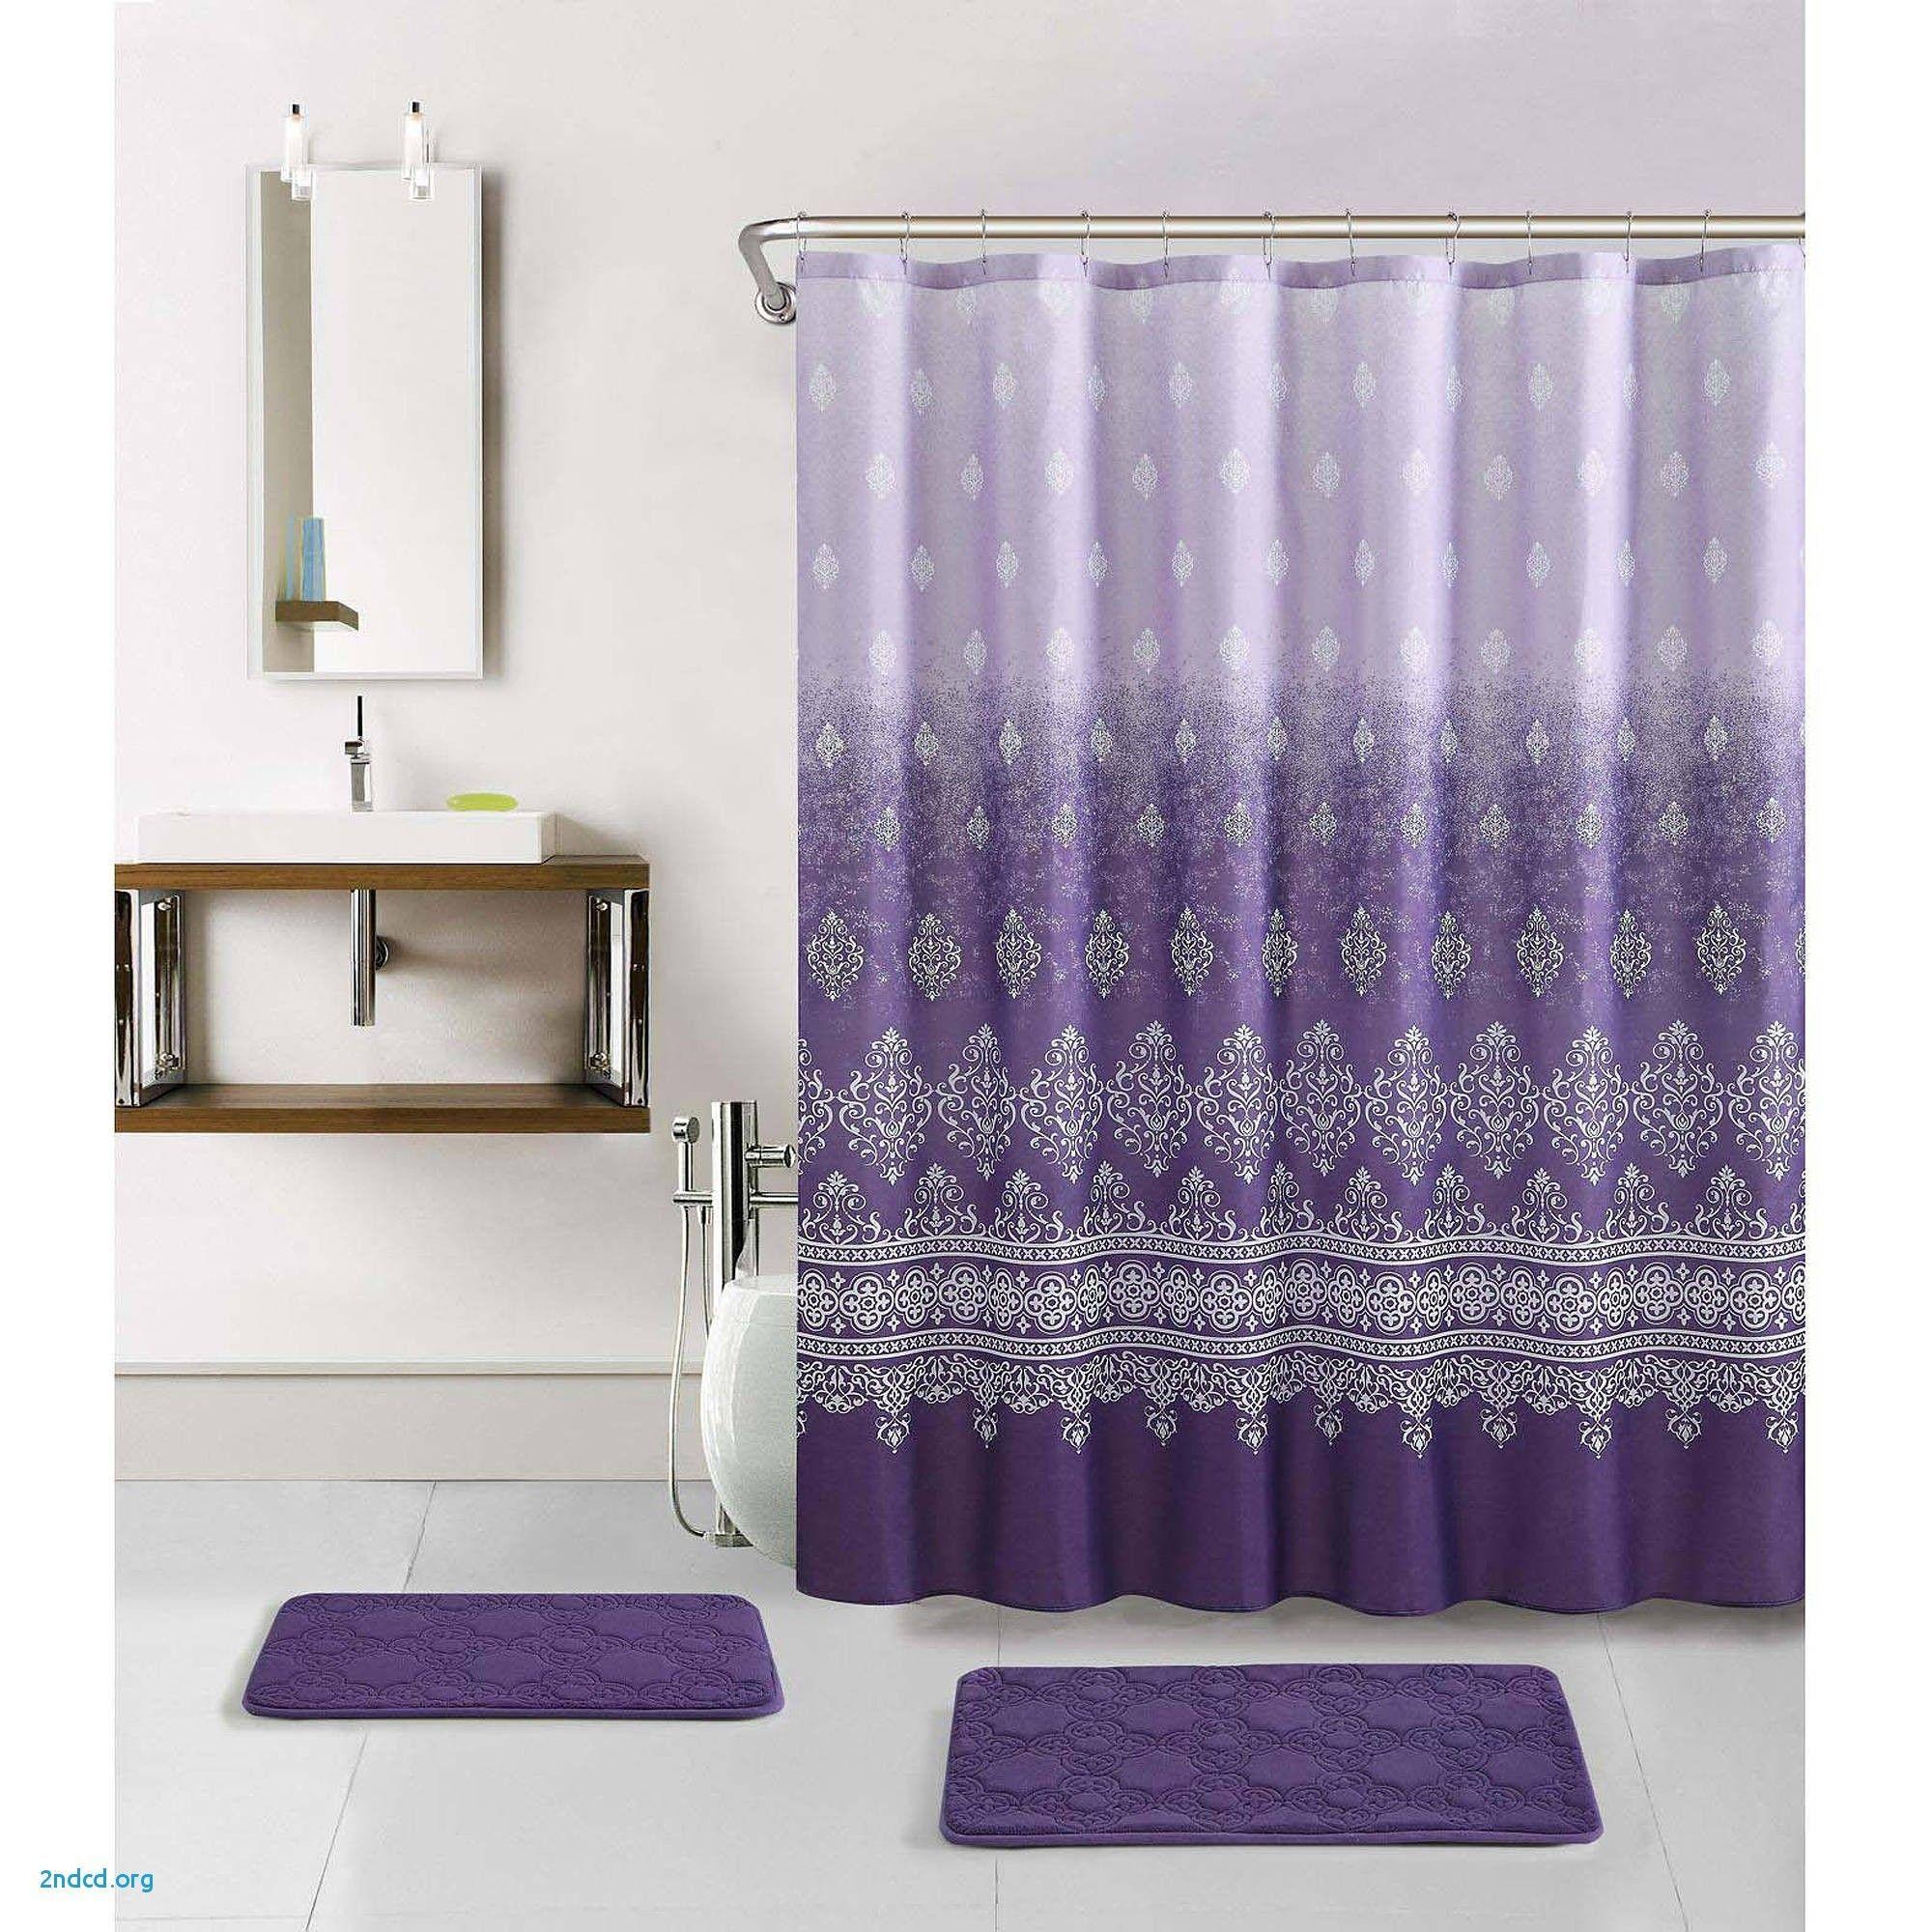 Purple Bathroom Sets Walmart In 2020 Purple Shower Curtain Purple Bathrooms Purple Bathroom Decor